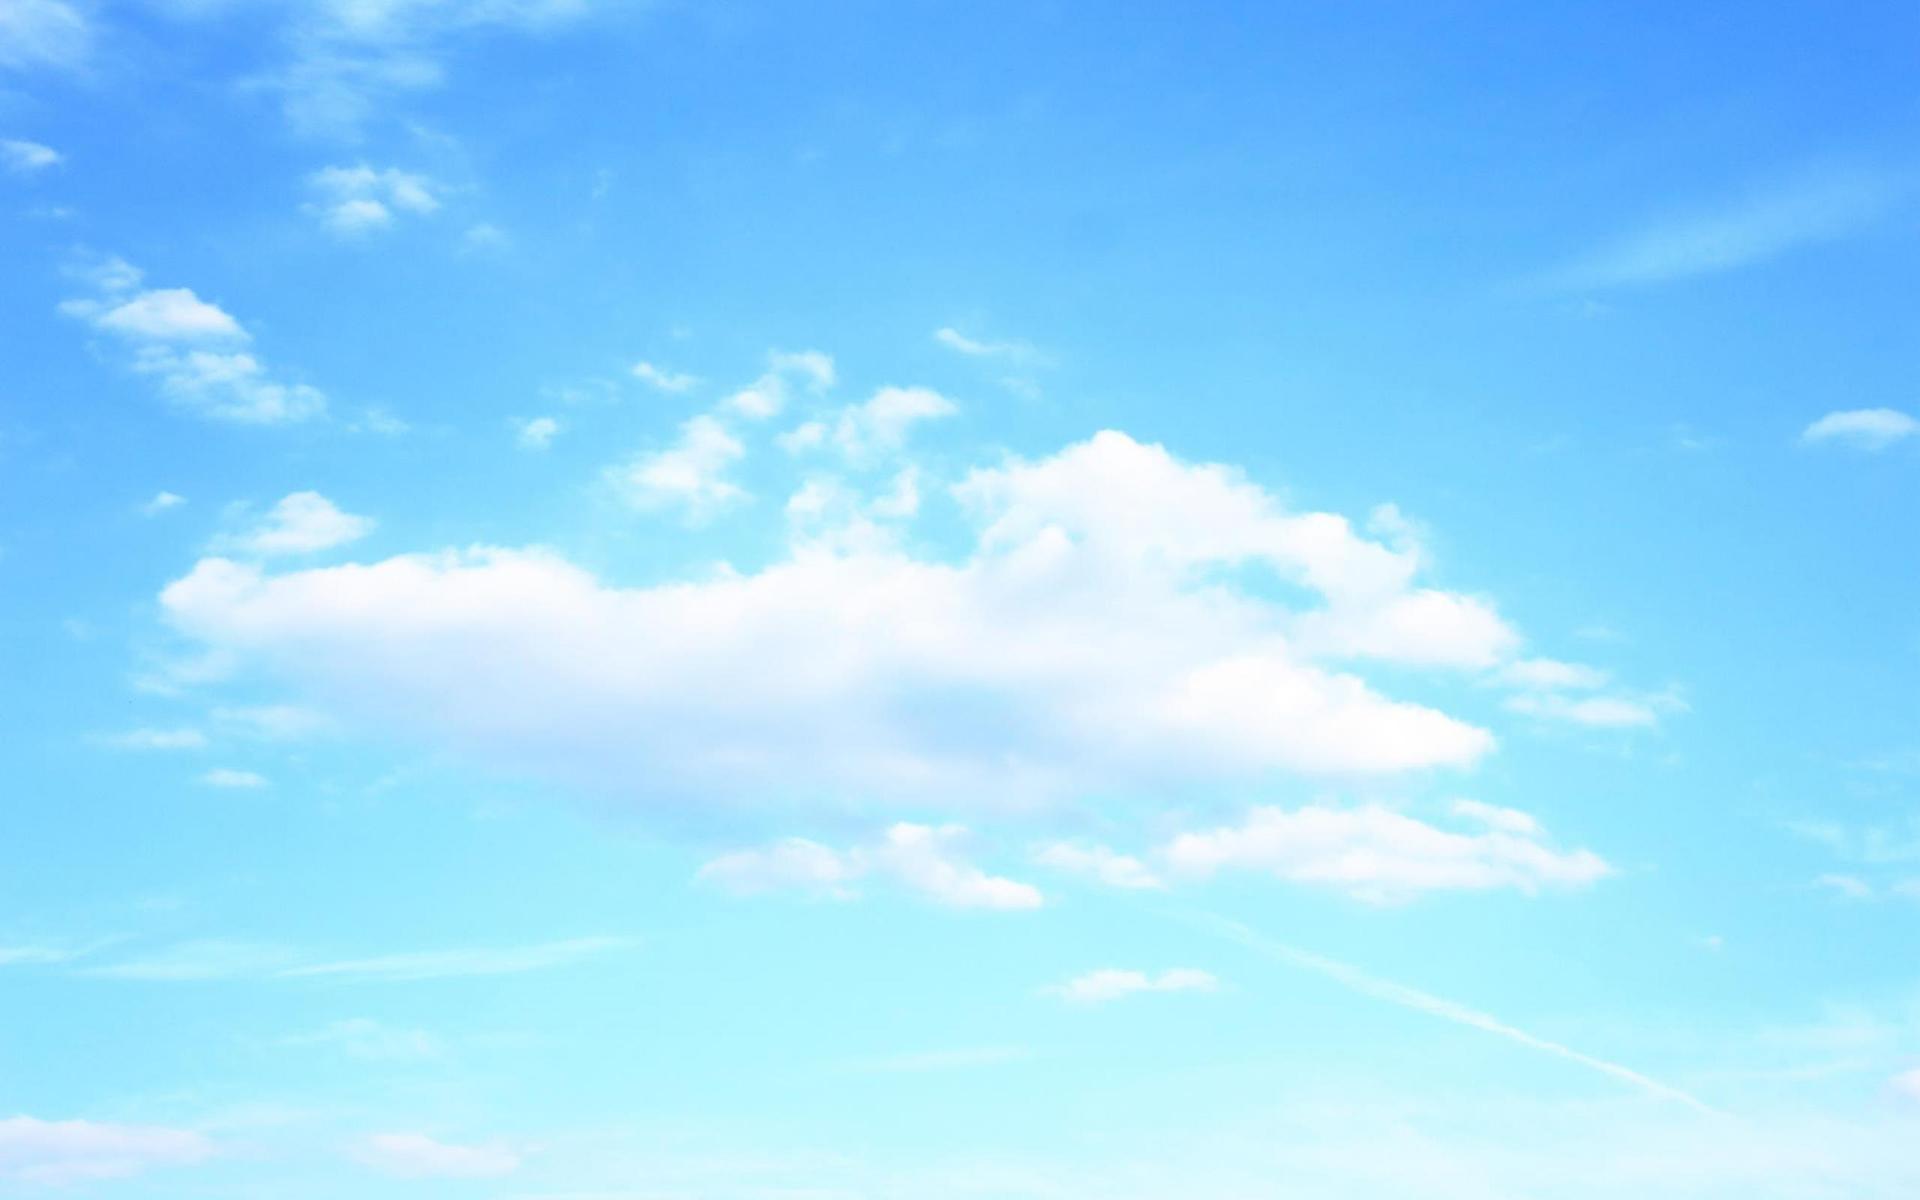 蓝色天空风景图片好看的电脑桌面壁纸